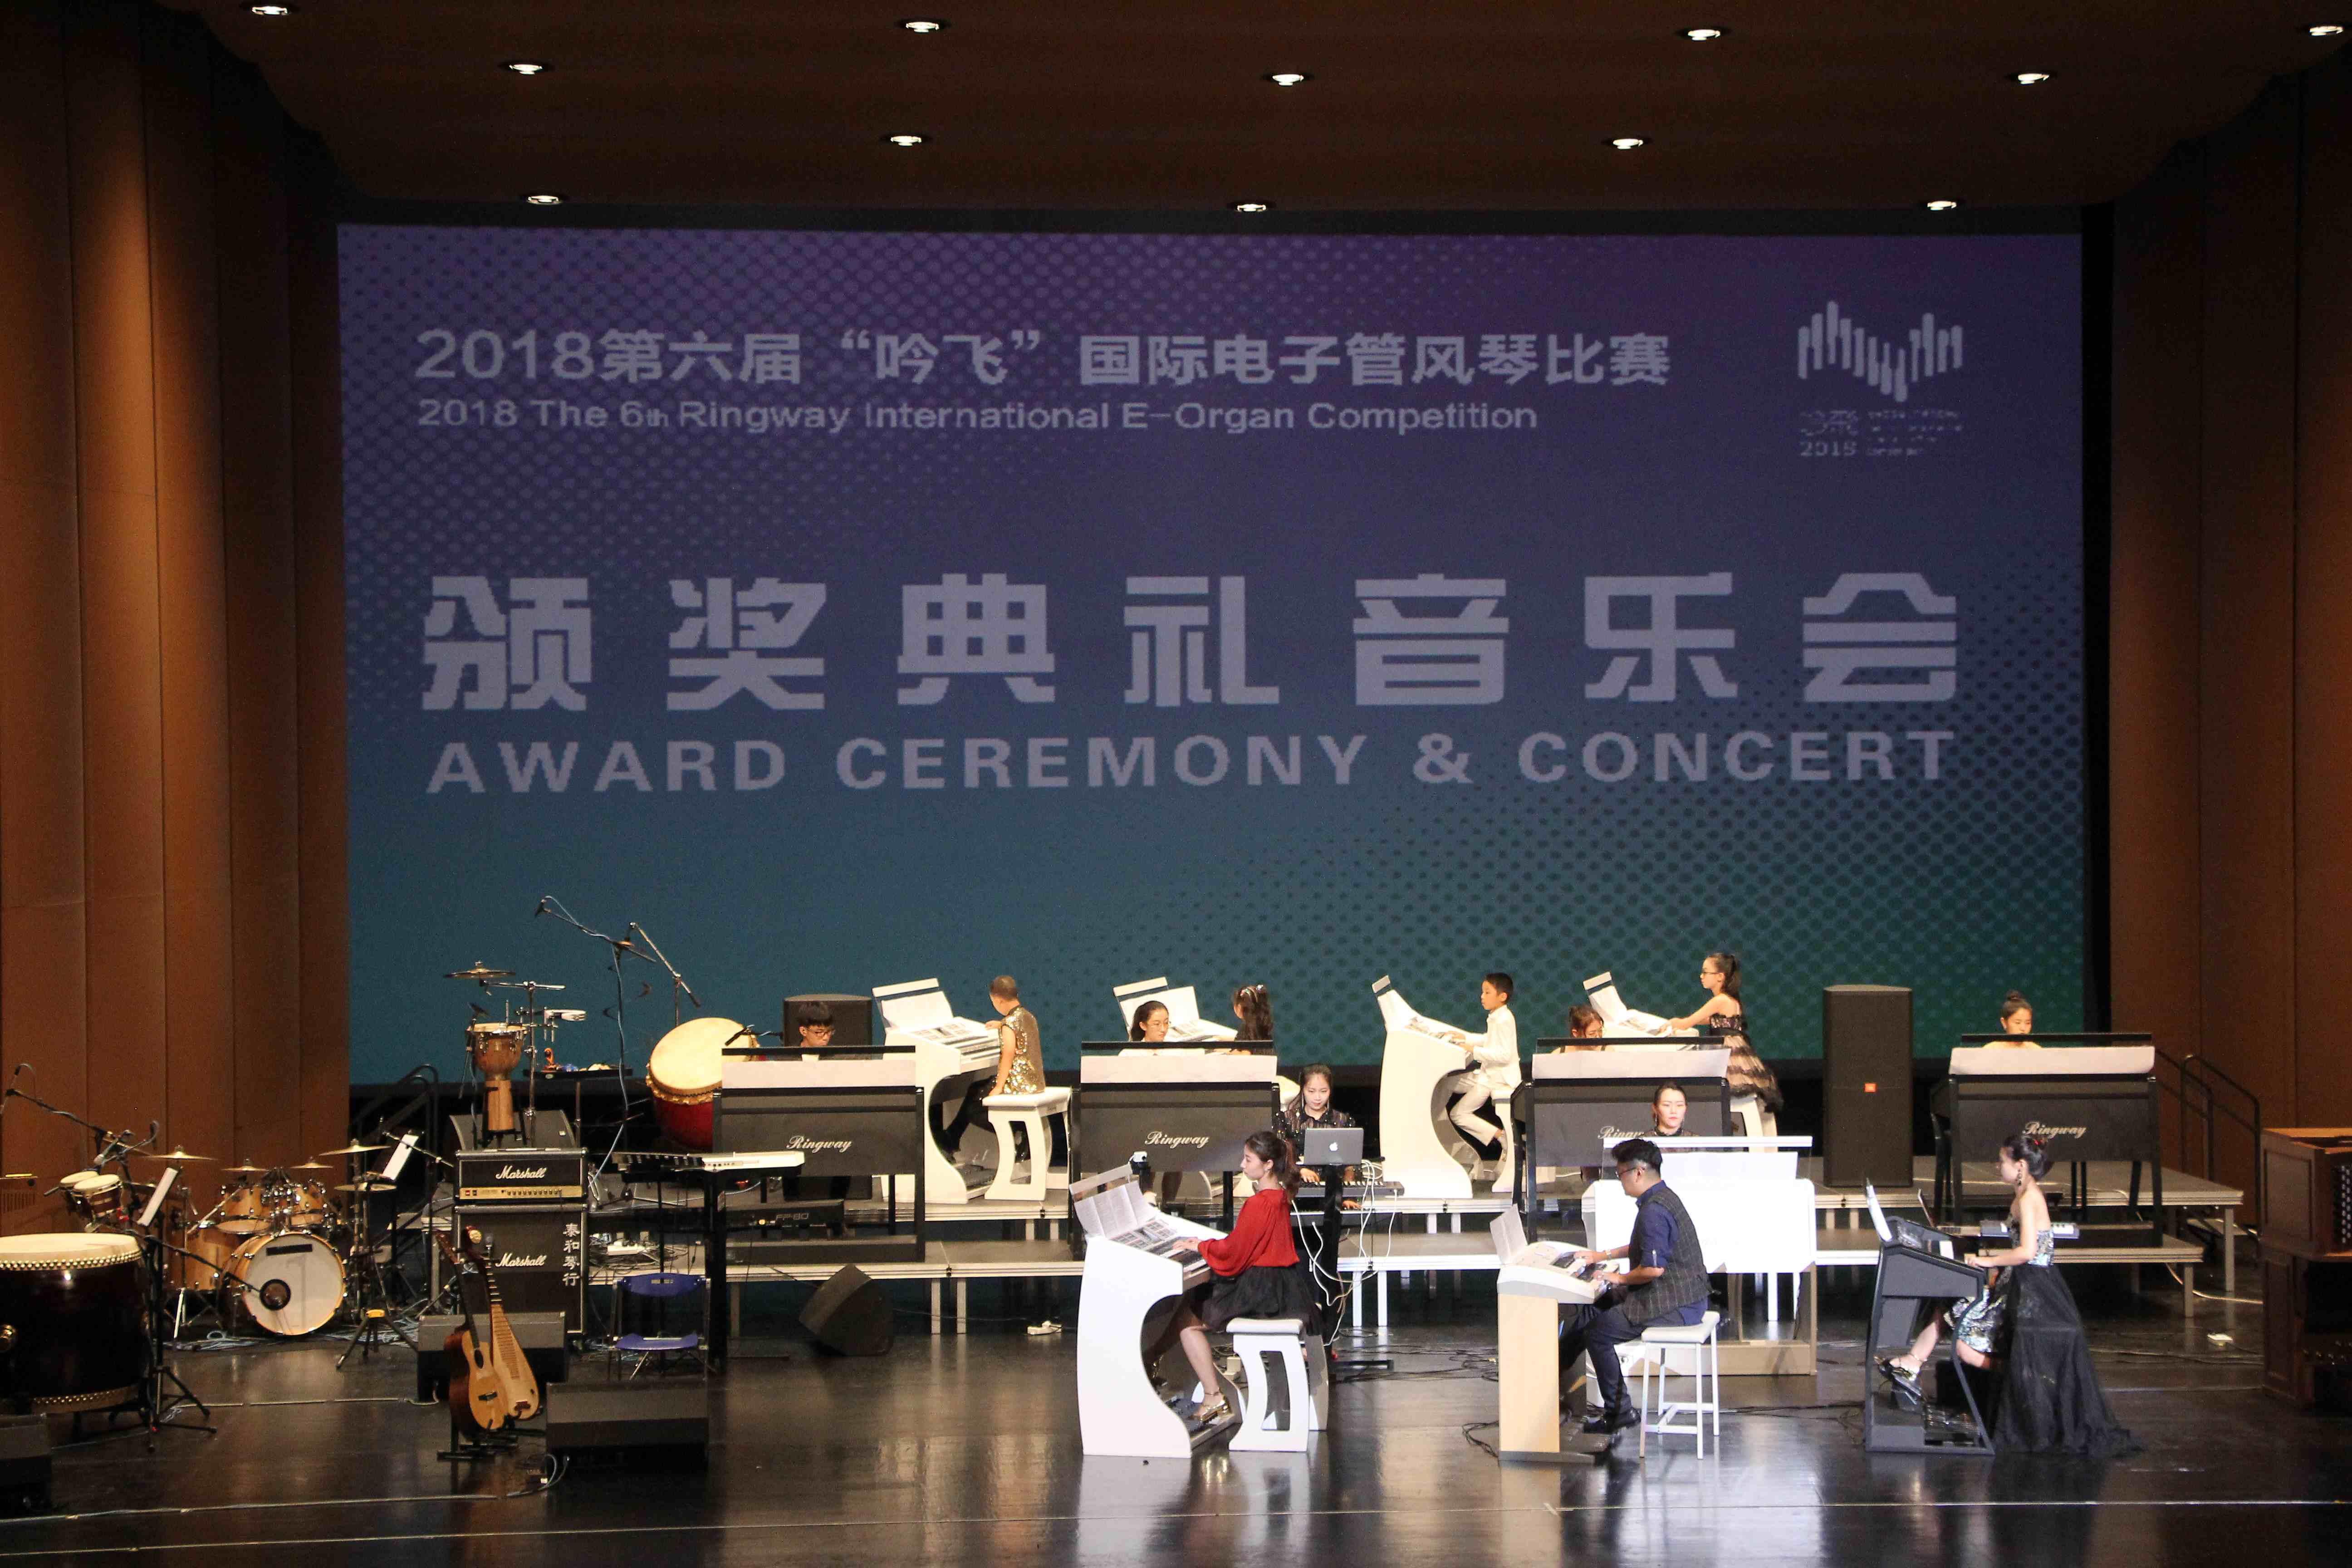 收米体育直播appiOS国际电子管风琴比赛之旅